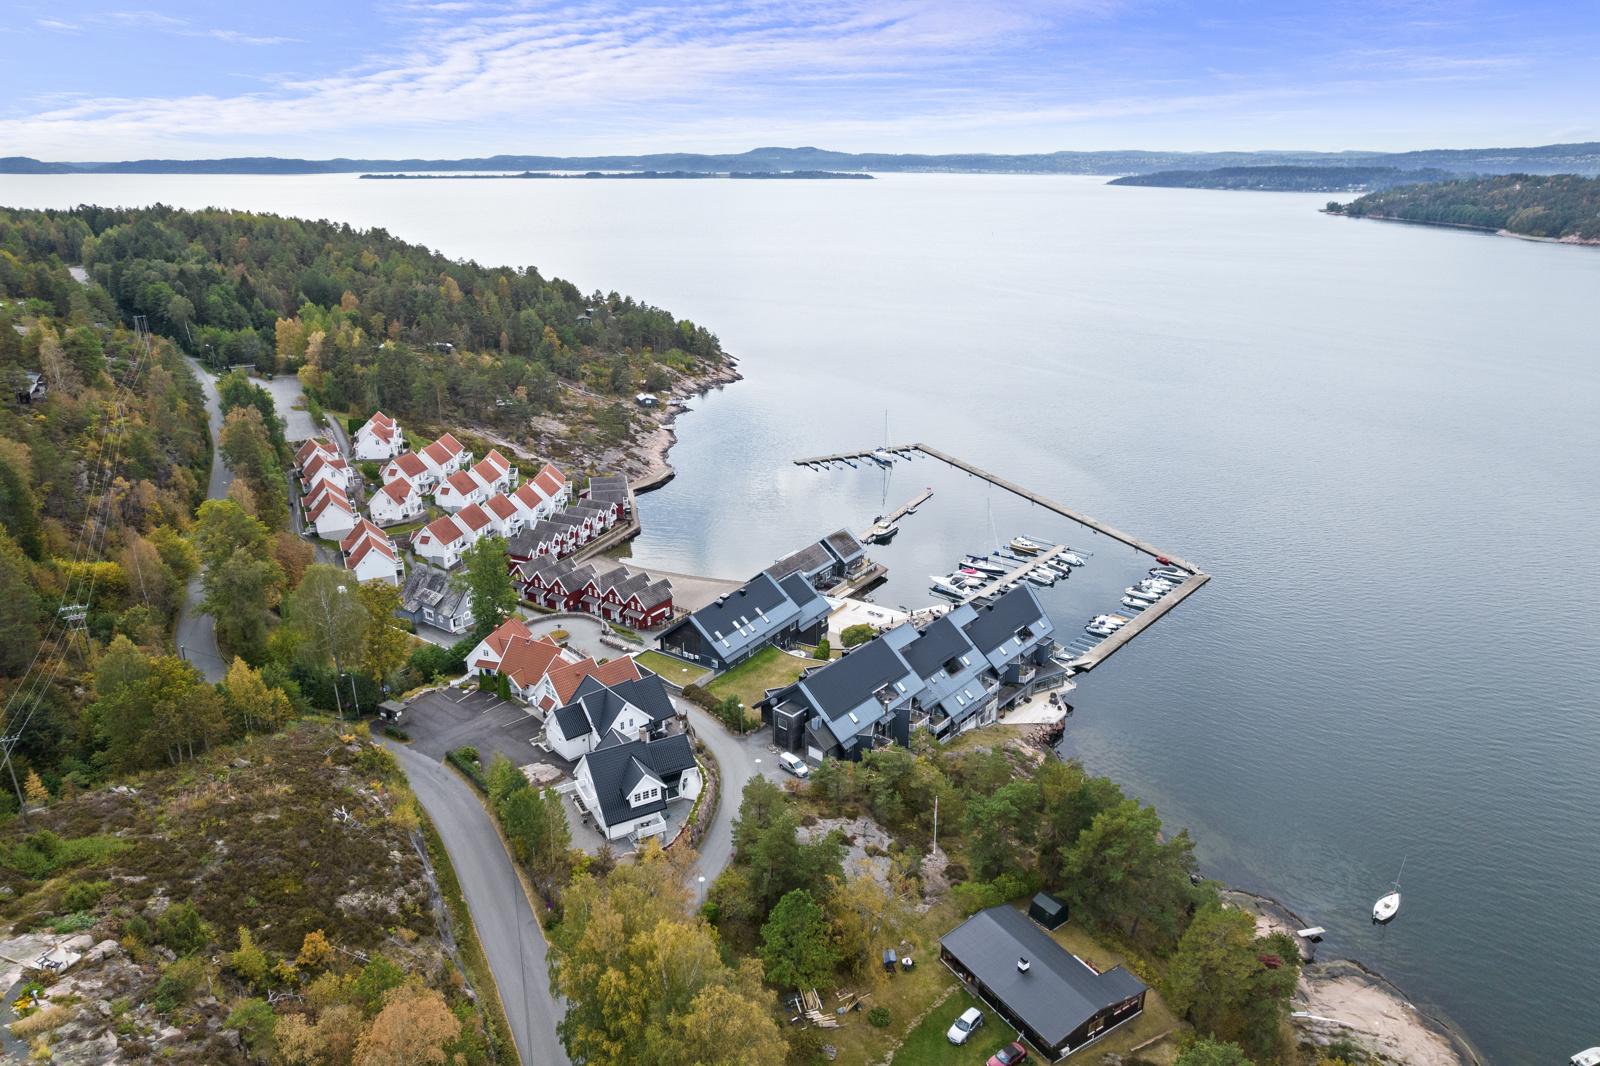 Oversiktsbilde over Holtnes brygge og beliggenheten mot Drammensfjorden